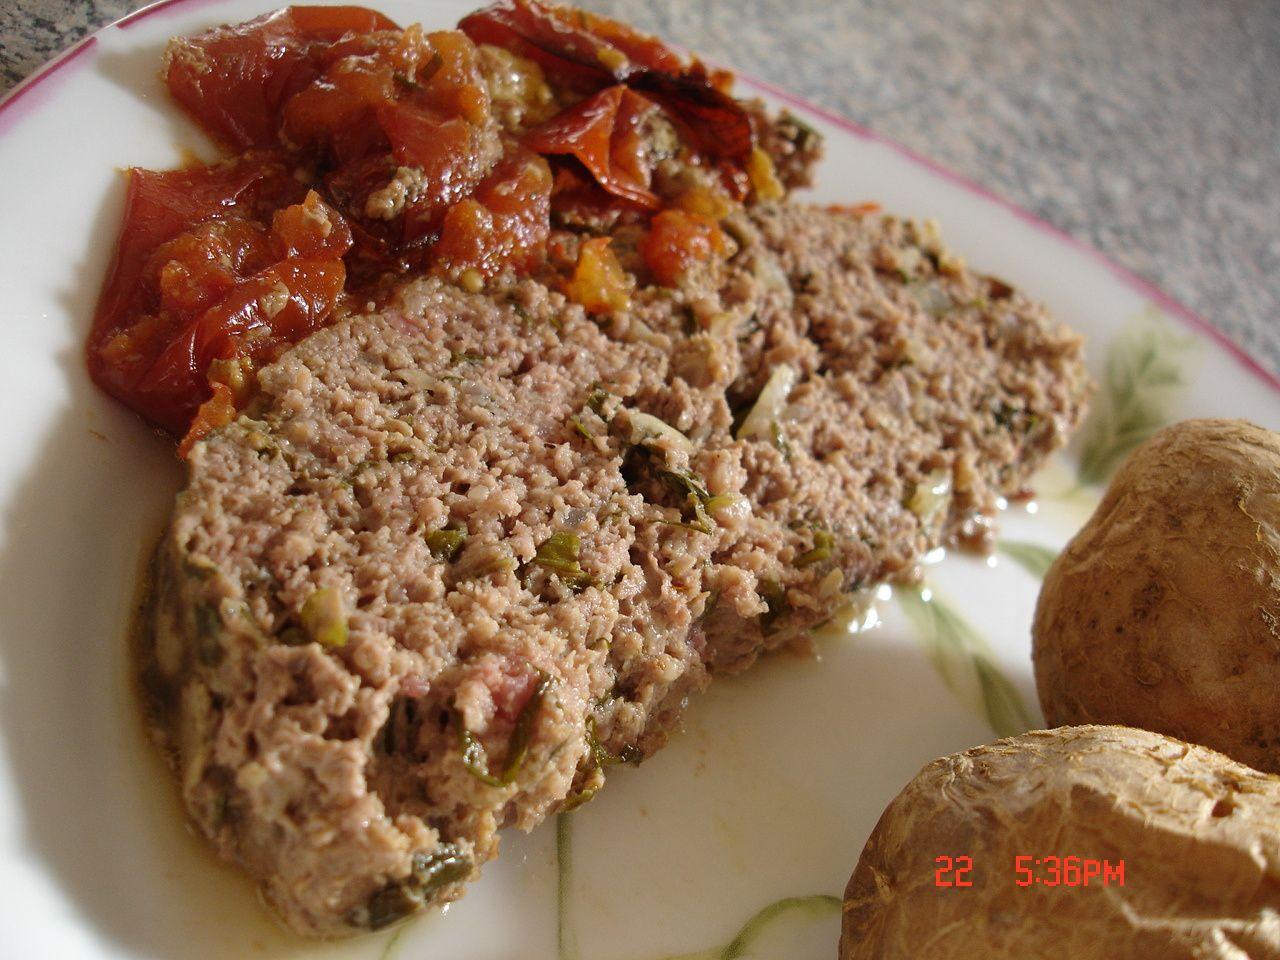 Pain de viande la s gol ne clafoutis compagnie - Portion de viande par personne ...